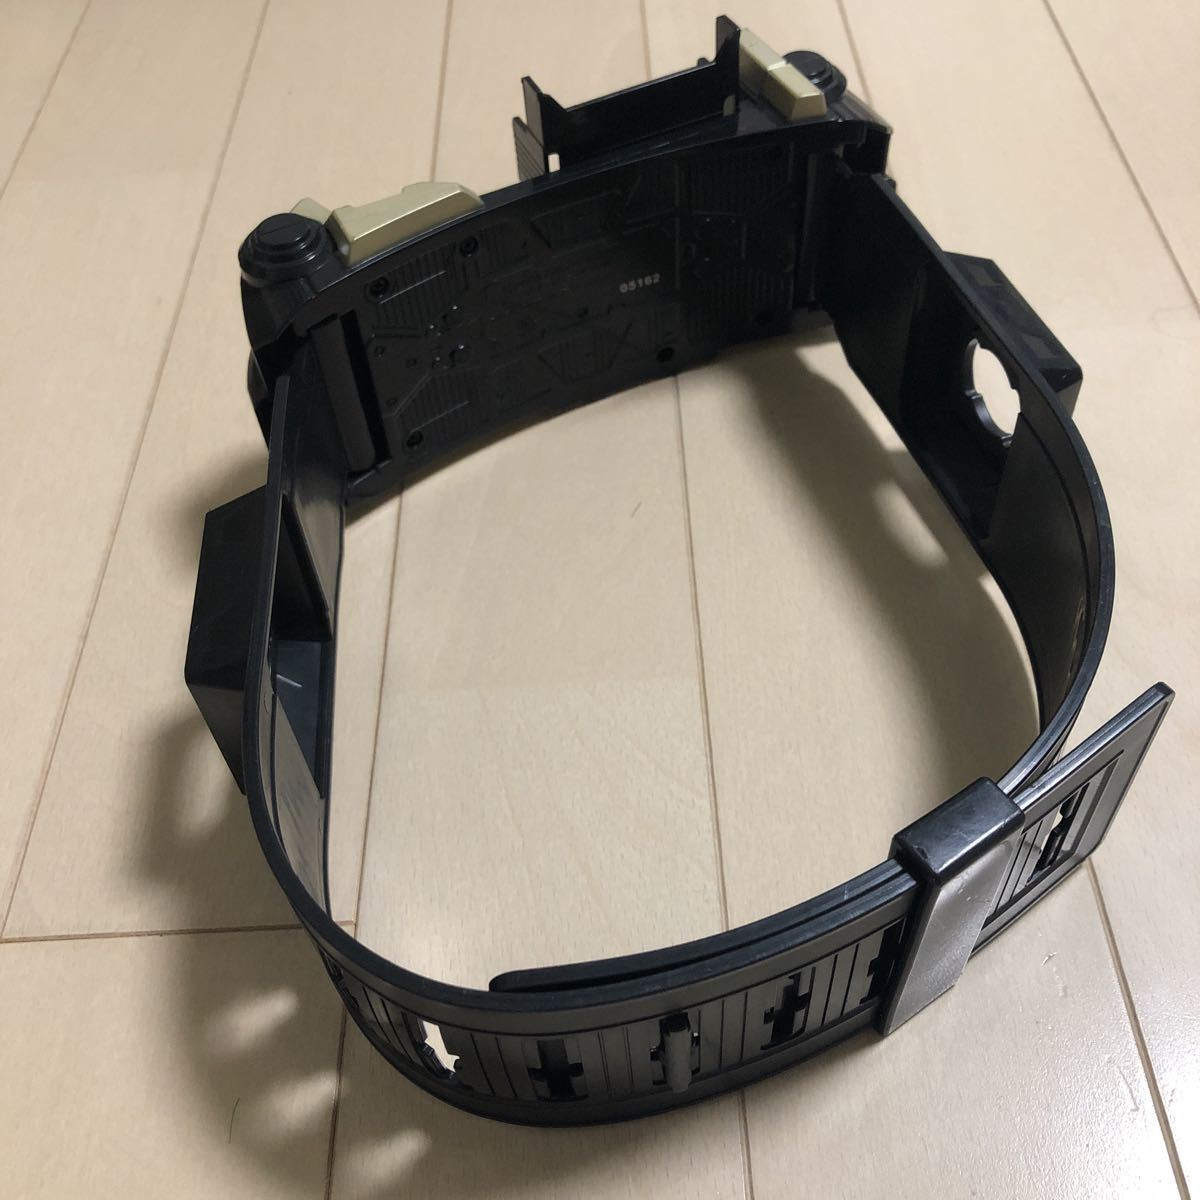 仮面ライダーファイズ 変身ベルト DXオーガドライバー トイザらス限定 555 バンダイ_画像3